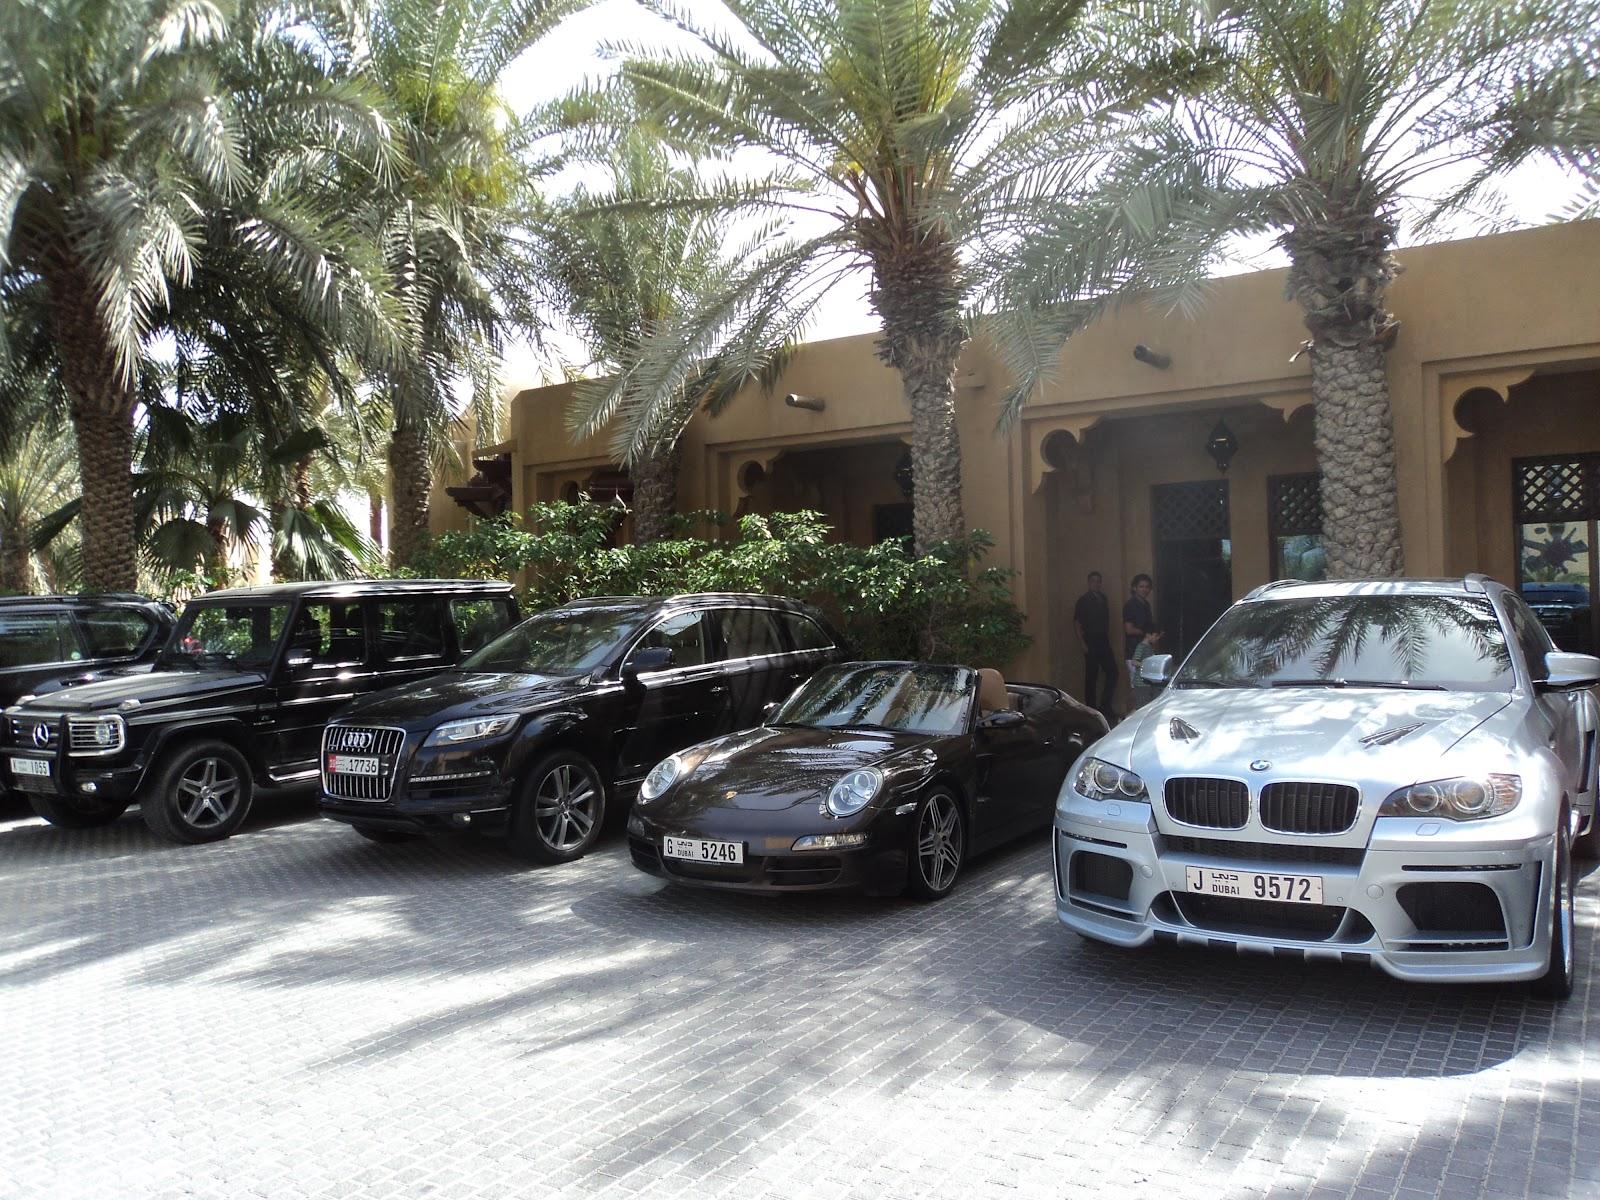 Oriental Adventures Expensive Cars Dubai Uae